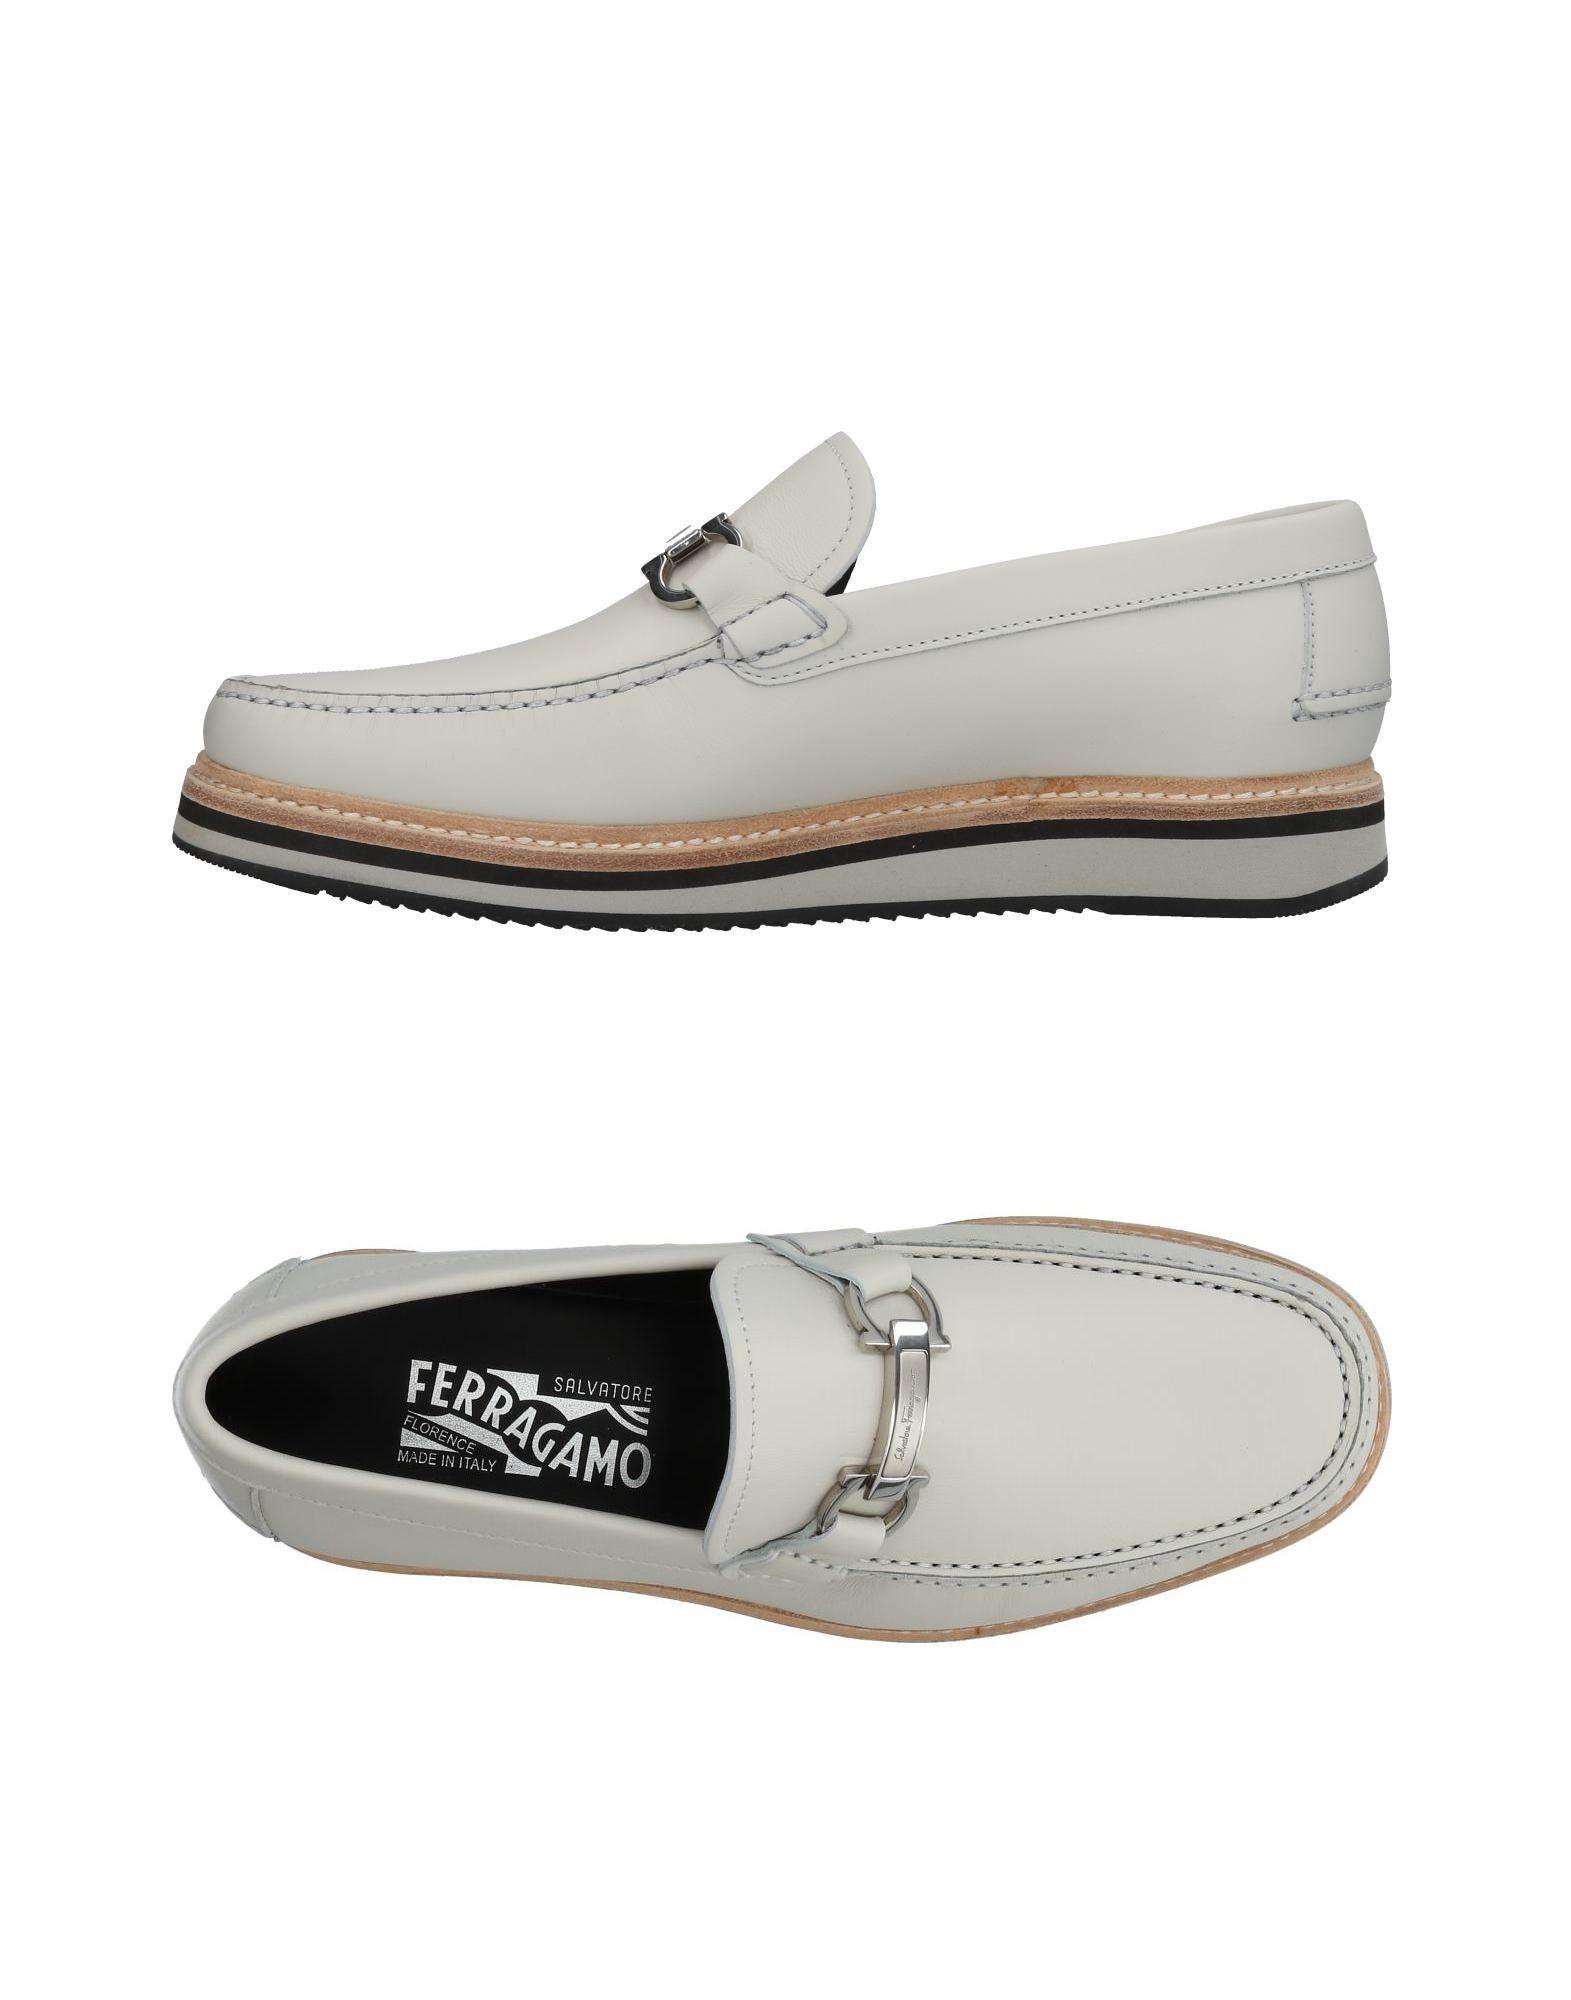 Salvatore Ferragamo Mokassins Herren  11455617GF Gute Qualität beliebte Schuhe